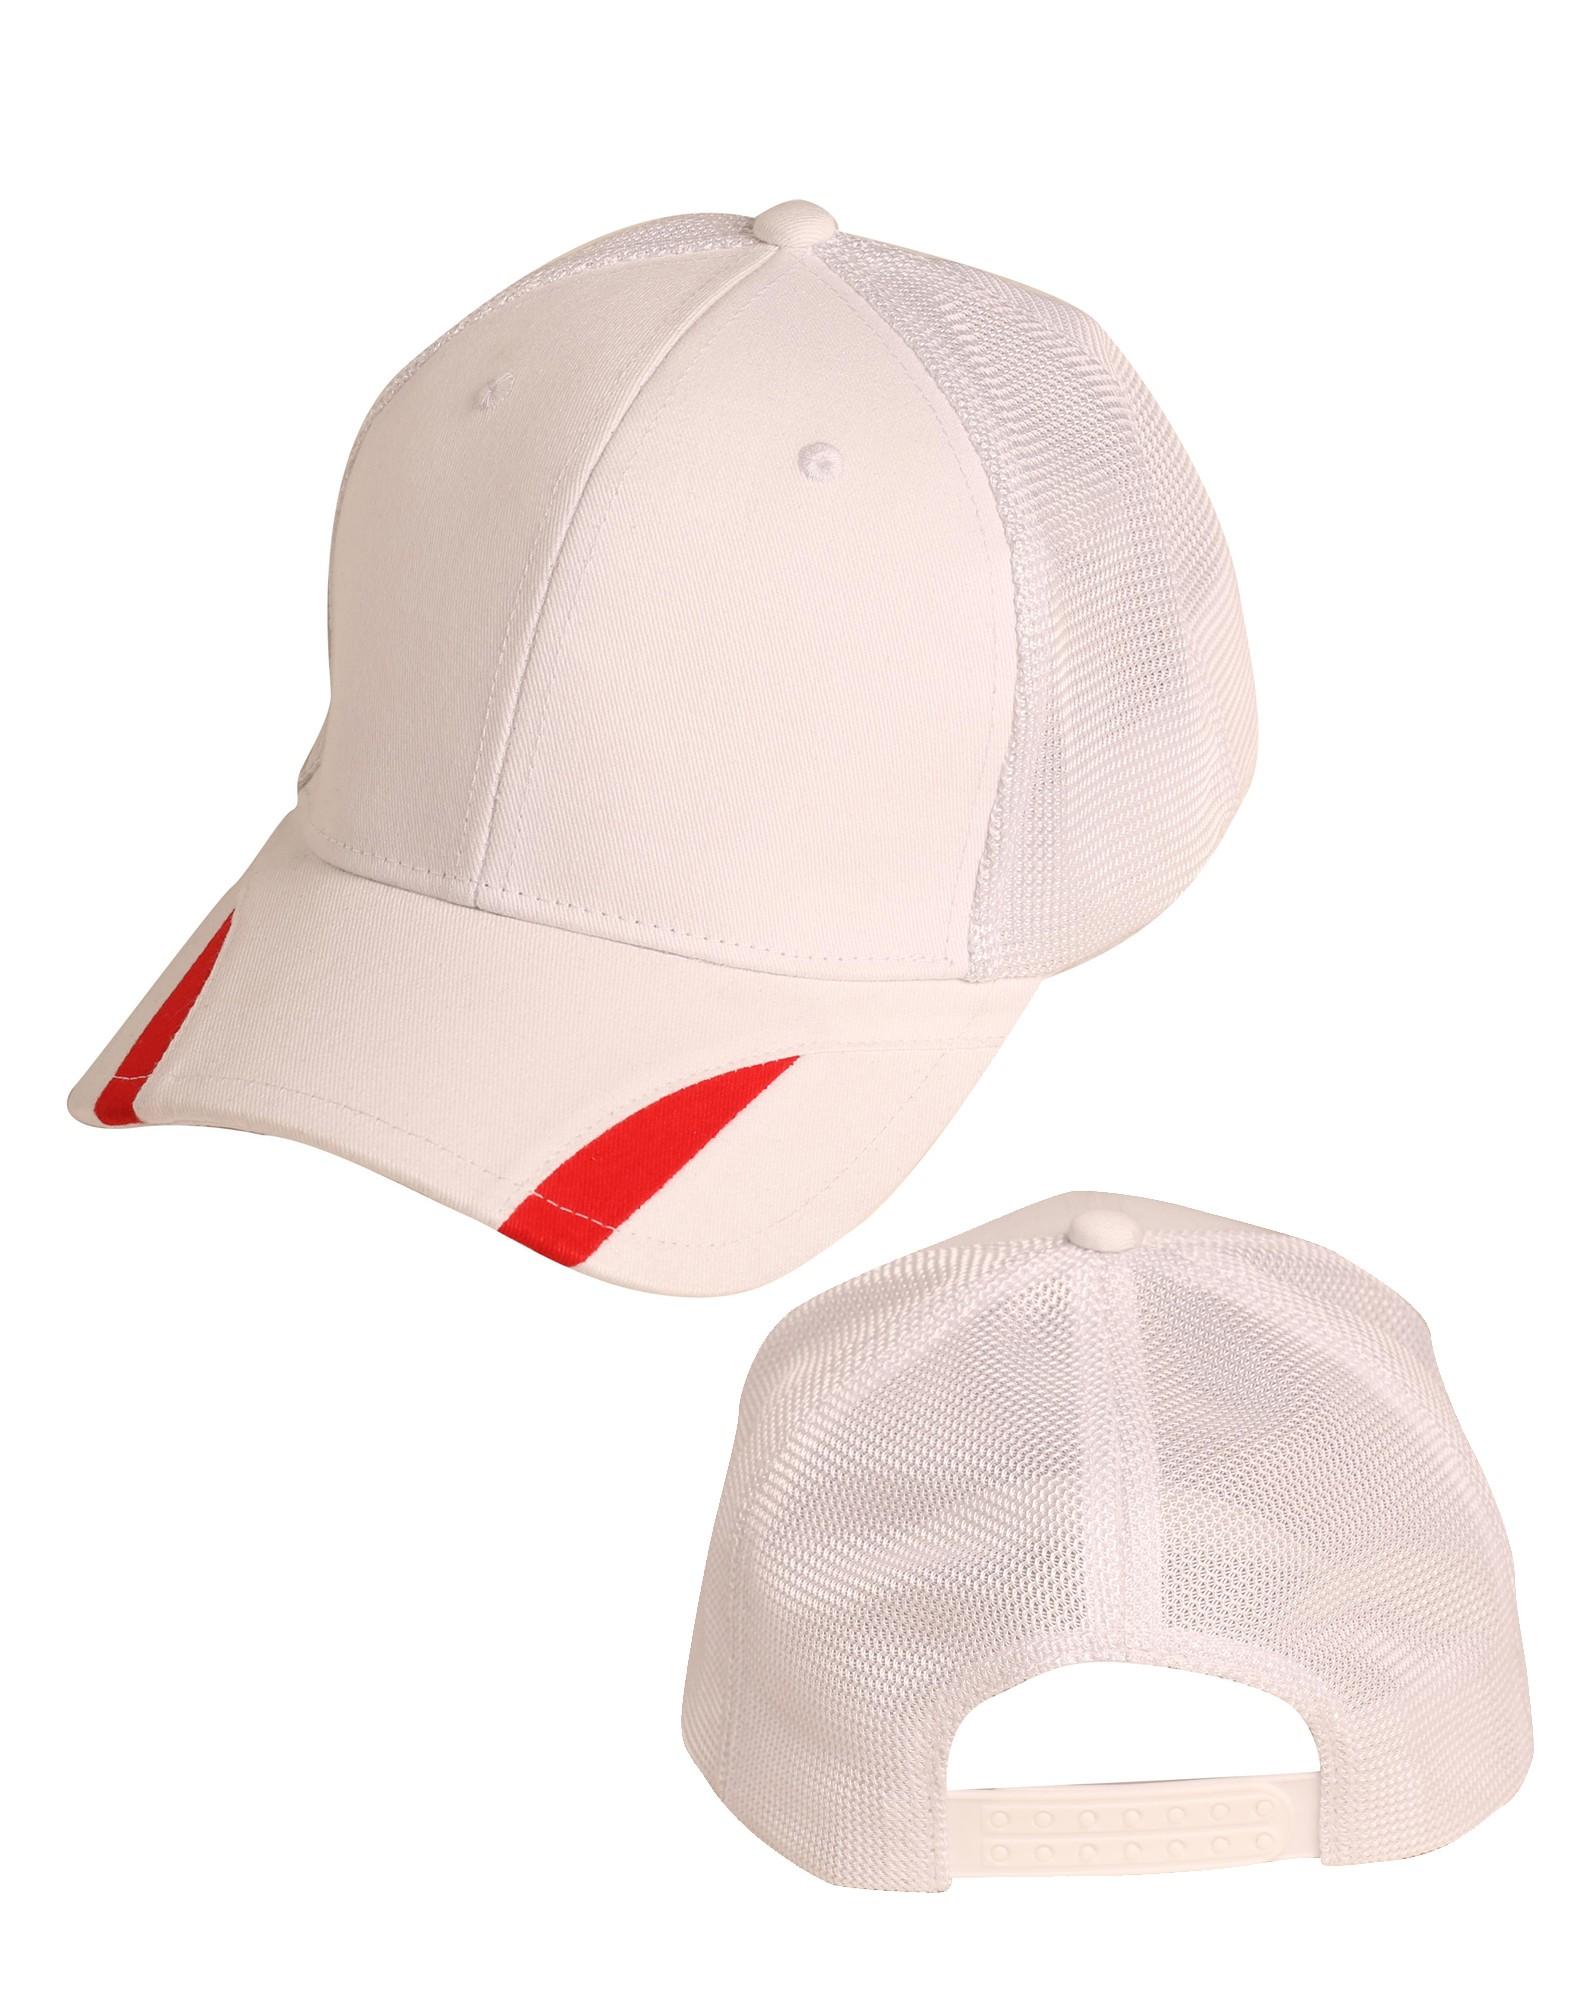 CONTRAST PEAK TRIM CAP